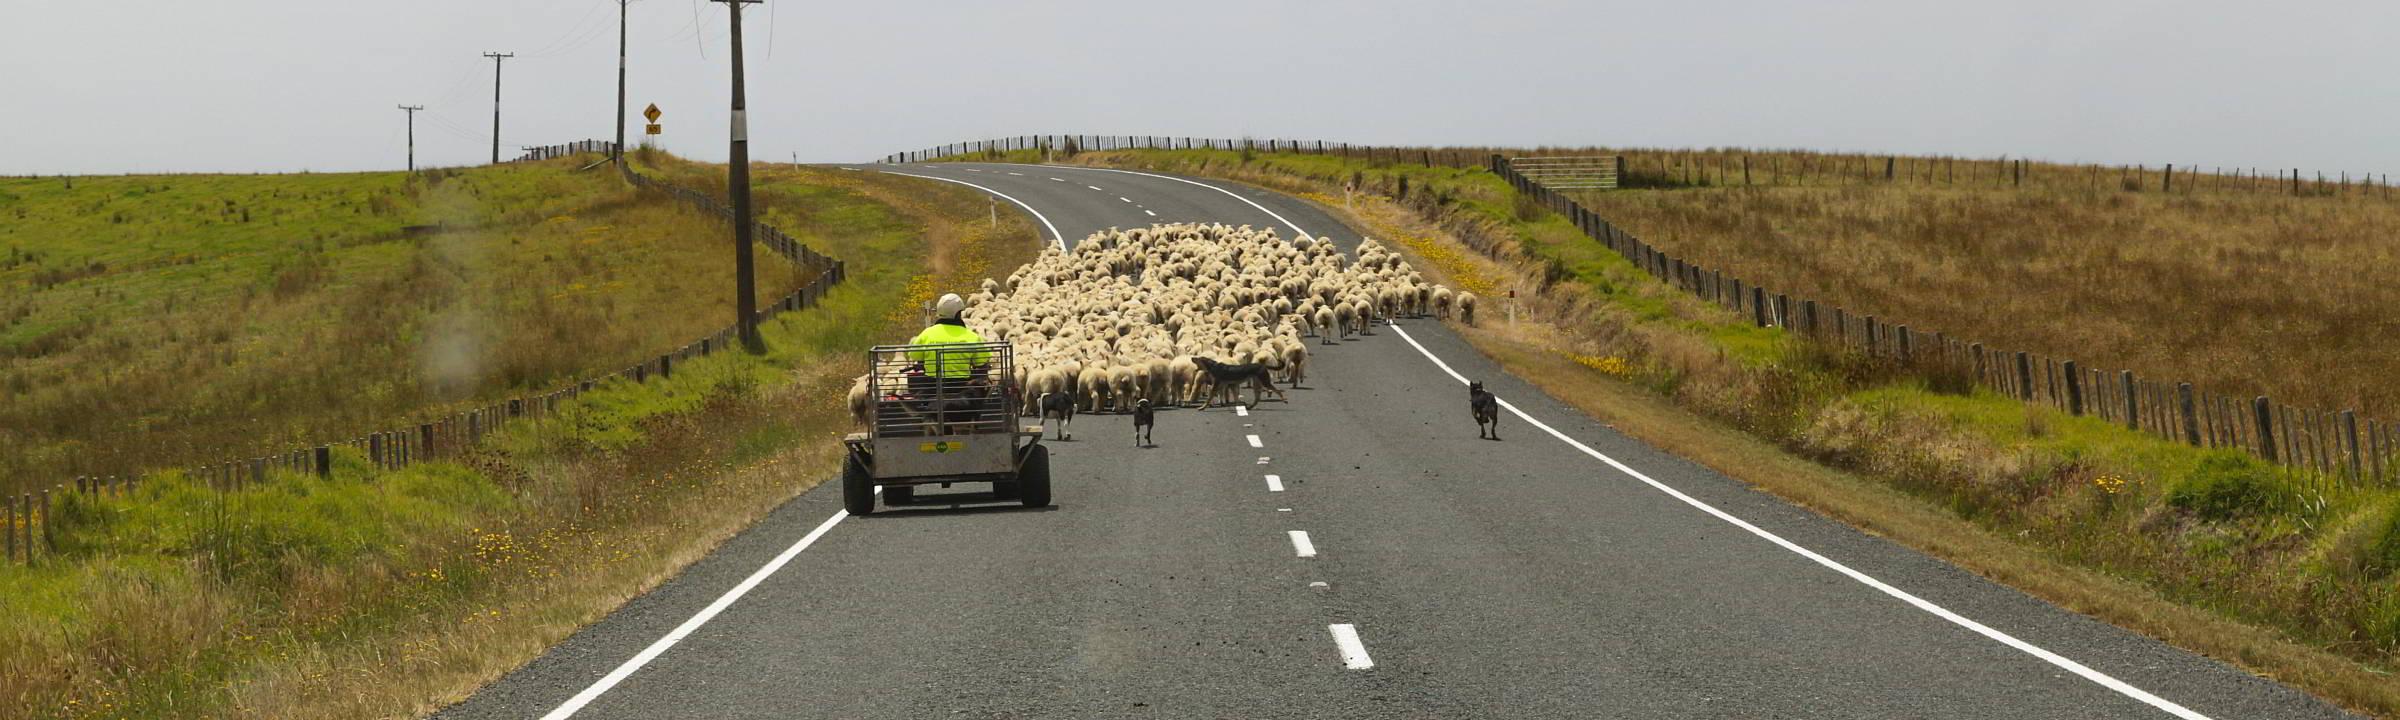 Schaafe mit Hirten auf neuseeländischen Straßen